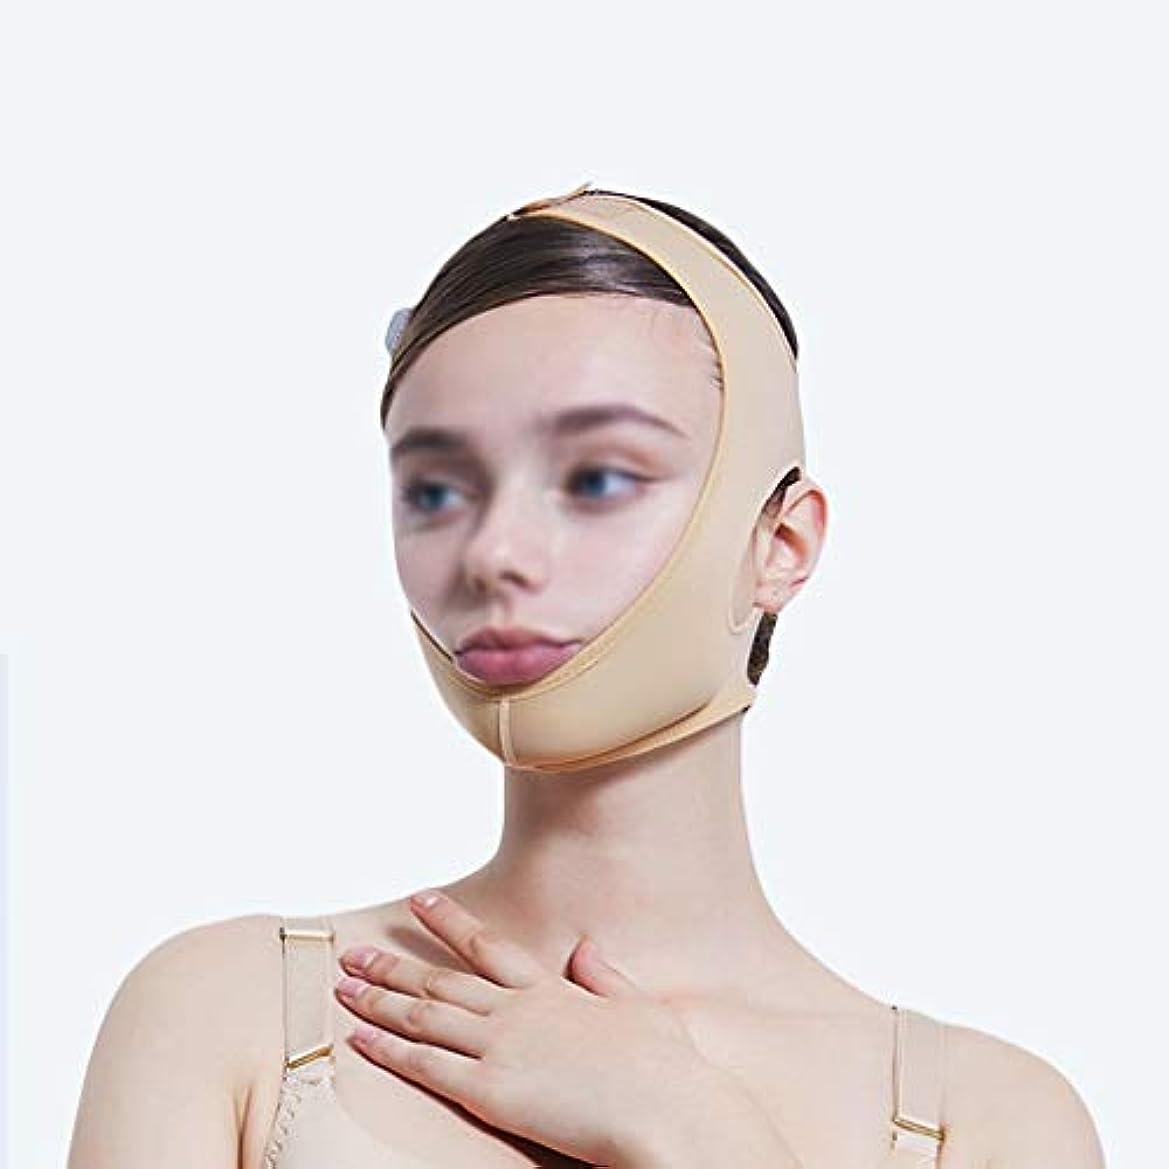 方法論満足ほのかフェイシャルライン、頬、しわ防止フェイシャル減量、フェイスバンド、フェイスマスク、フェイスリフティング、通気性、ダブルチンストラップ (Size : XXL)